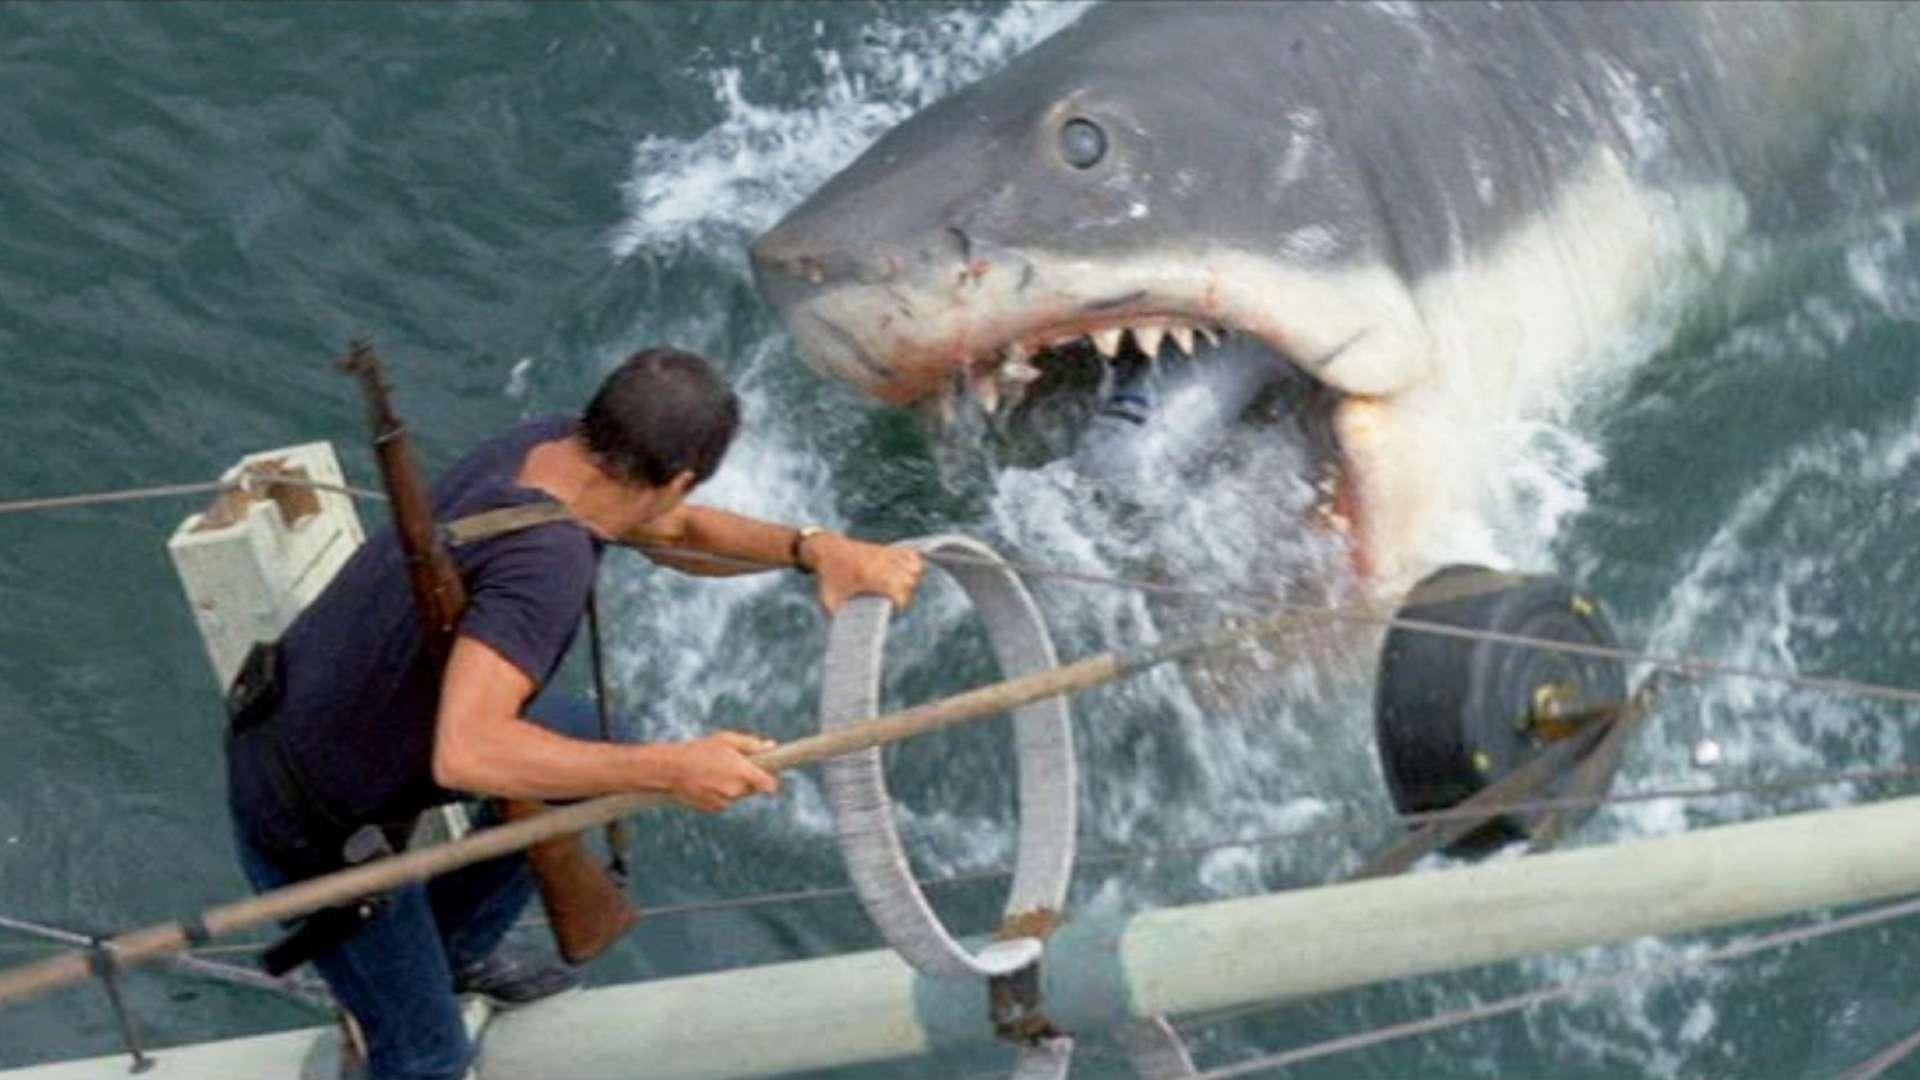 jaws scary scene shark